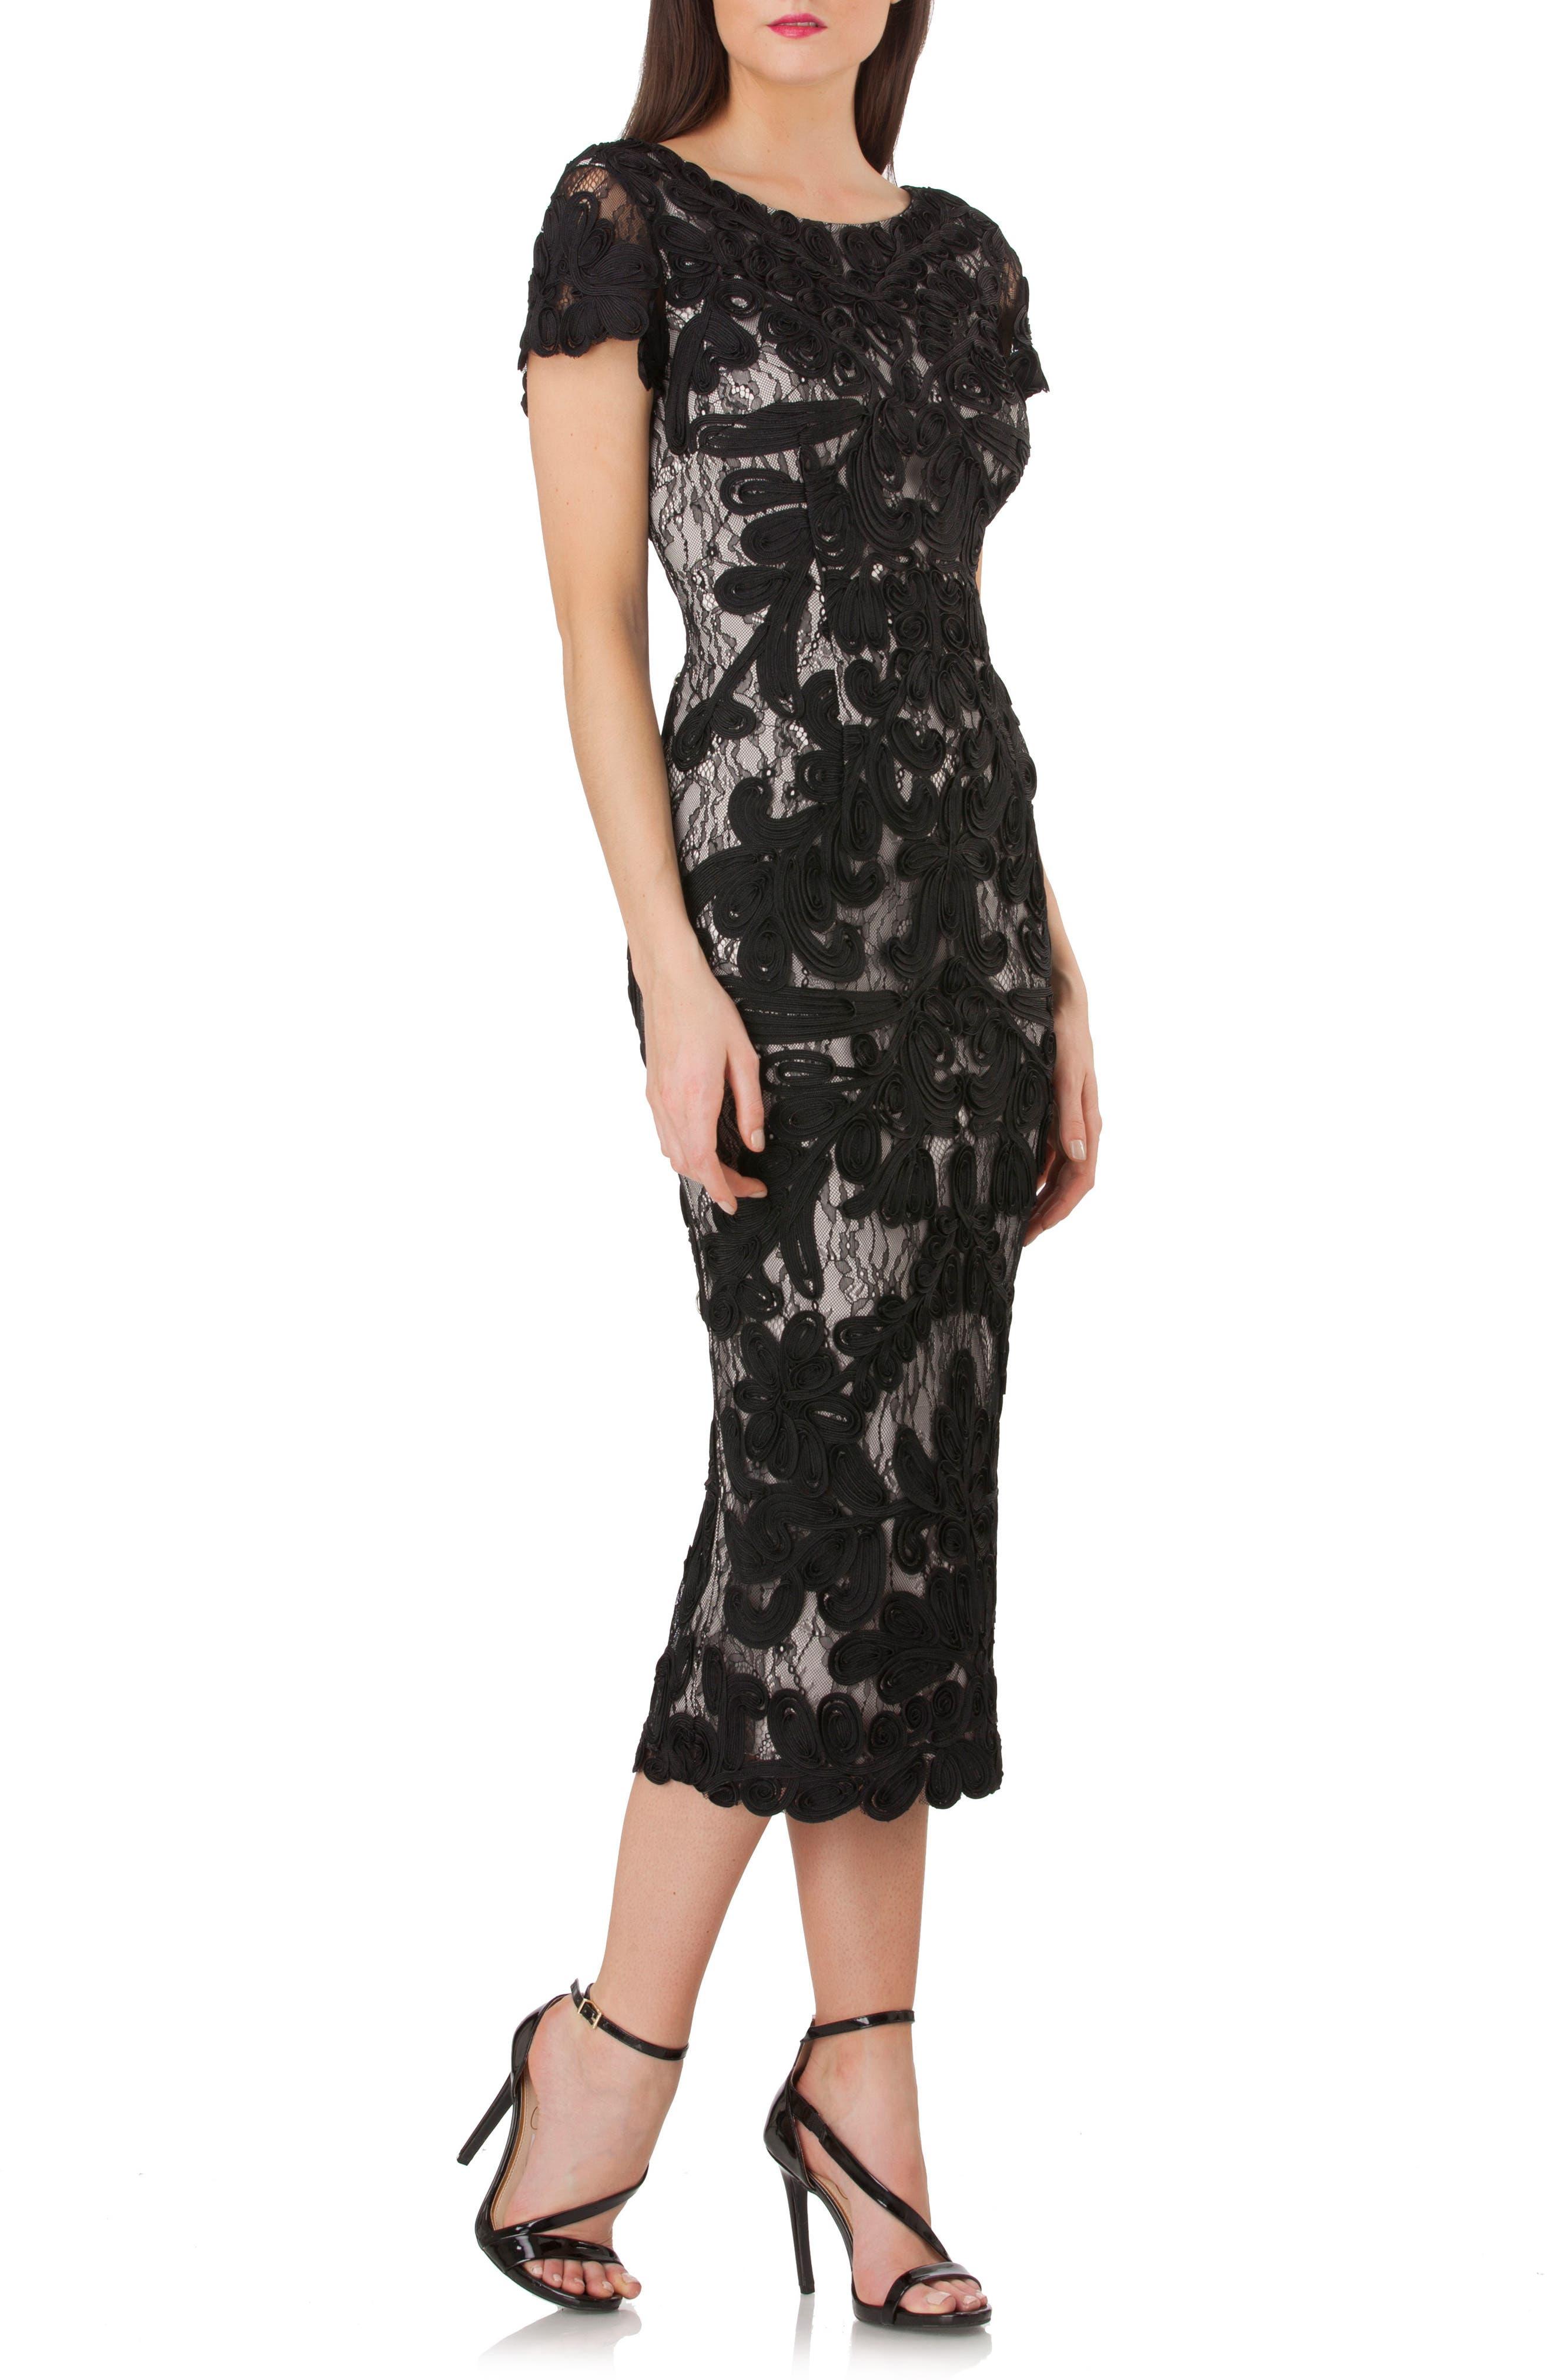 1960s – 70s Cocktail, Party, Prom, Evening Dresses Womens Js Collections Soutache Lace Midi Dress Size 10 - Black $208.80 AT vintagedancer.com